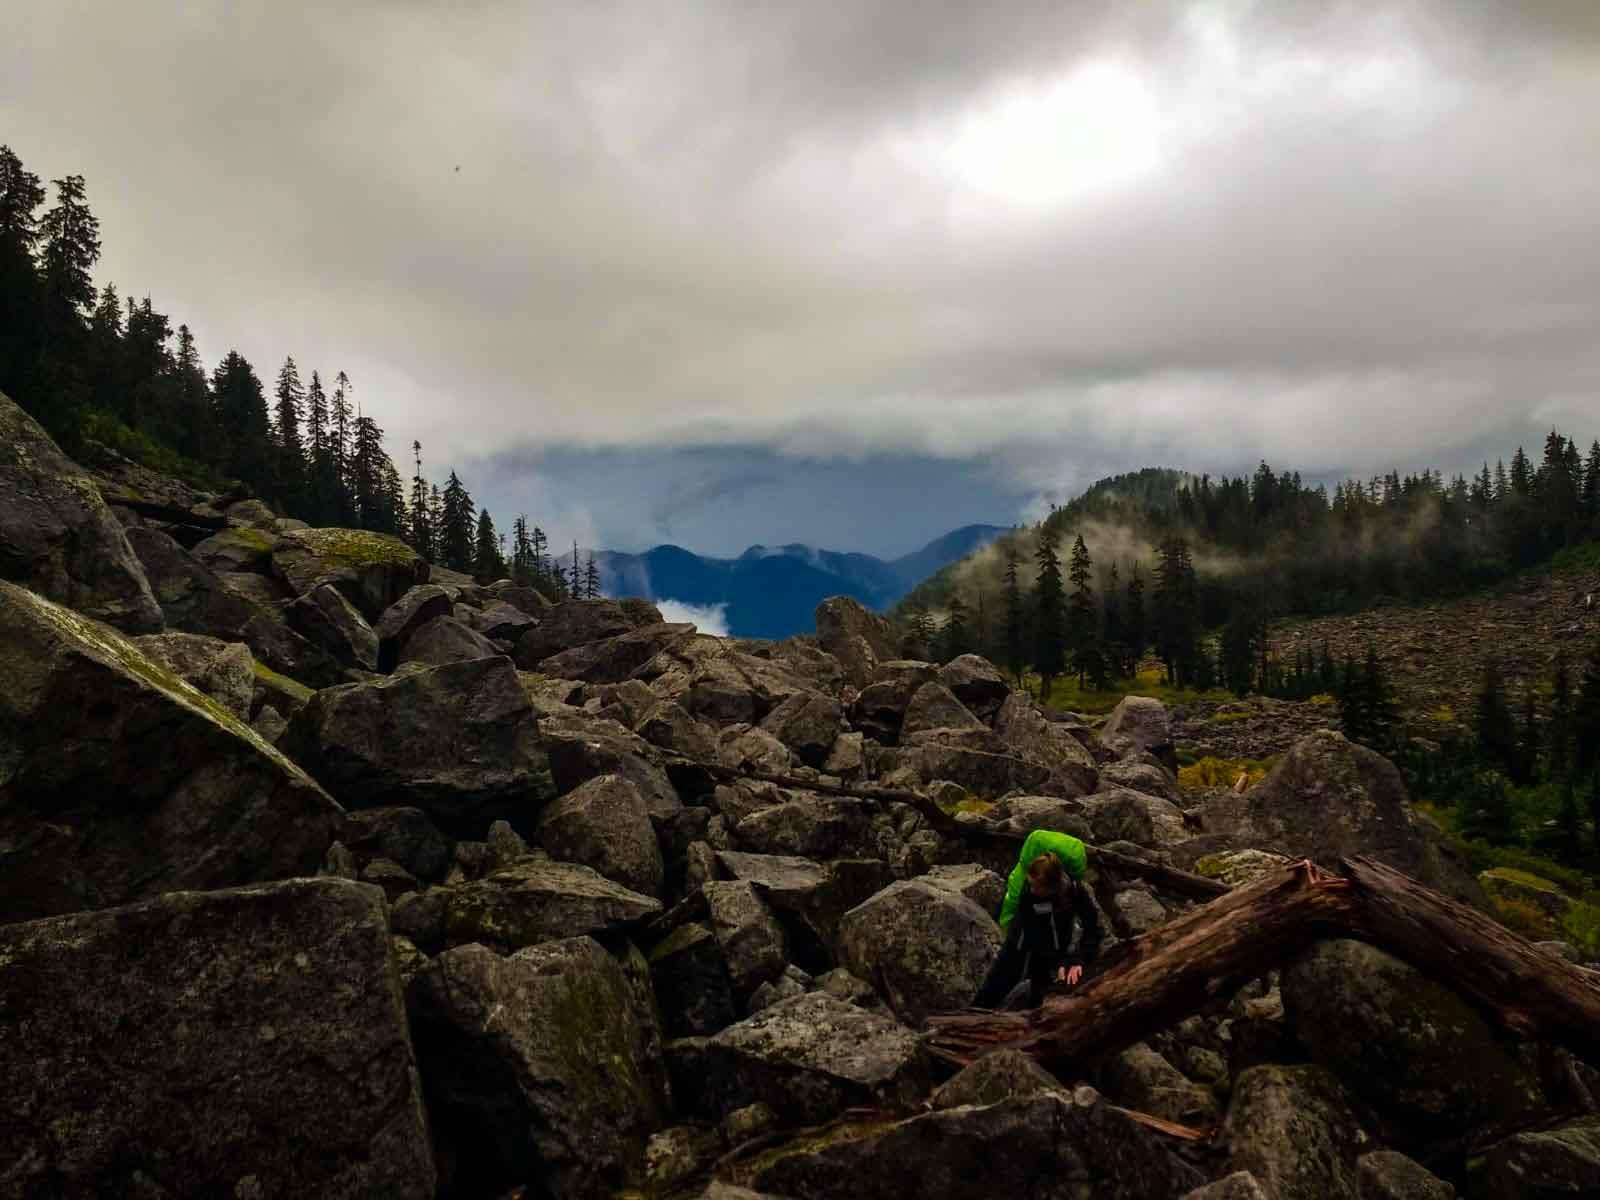 Boulder field near Mount Elsay